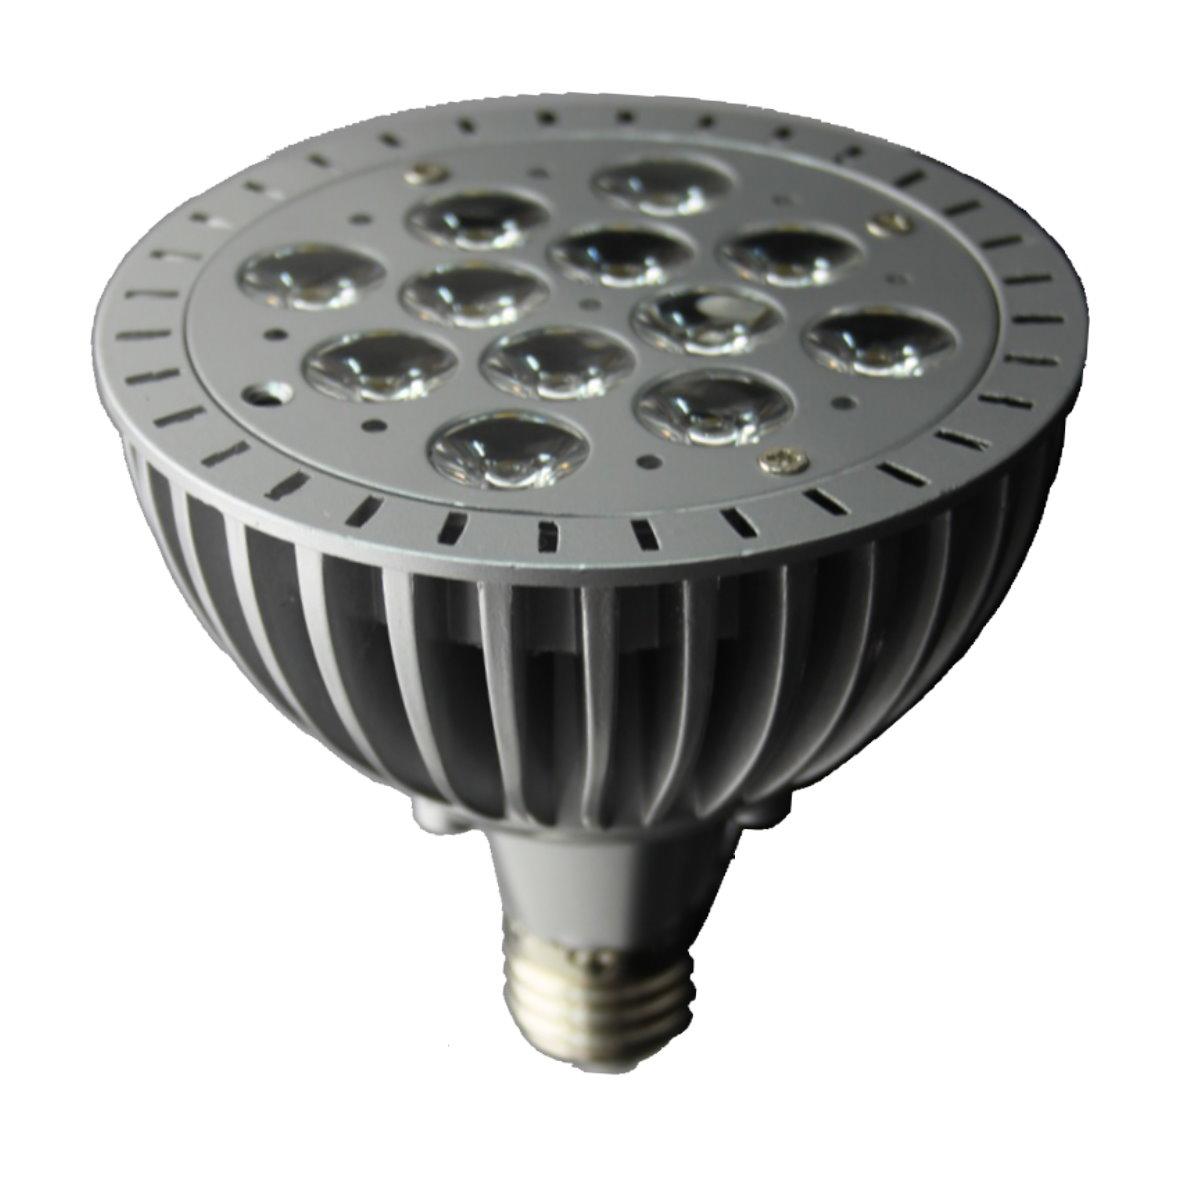 lampadina faretto led : Dettagli su LAMPADINA LED par30 par38 e27 Faretto Spot Lampada FARO ...